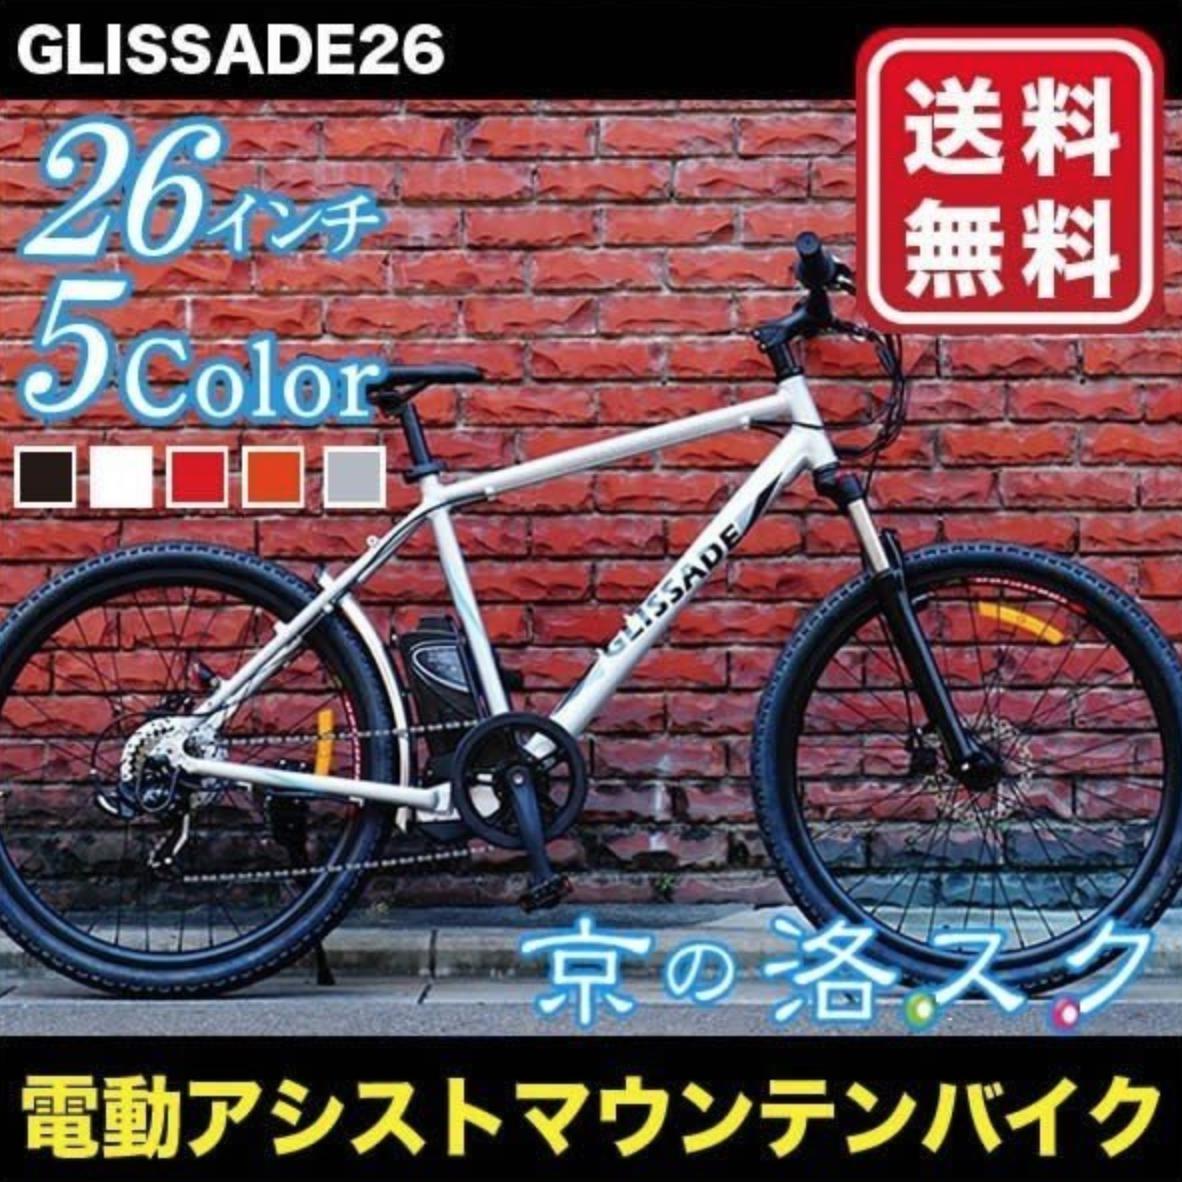 グリッサード 電動自転車 マウンテンバイク